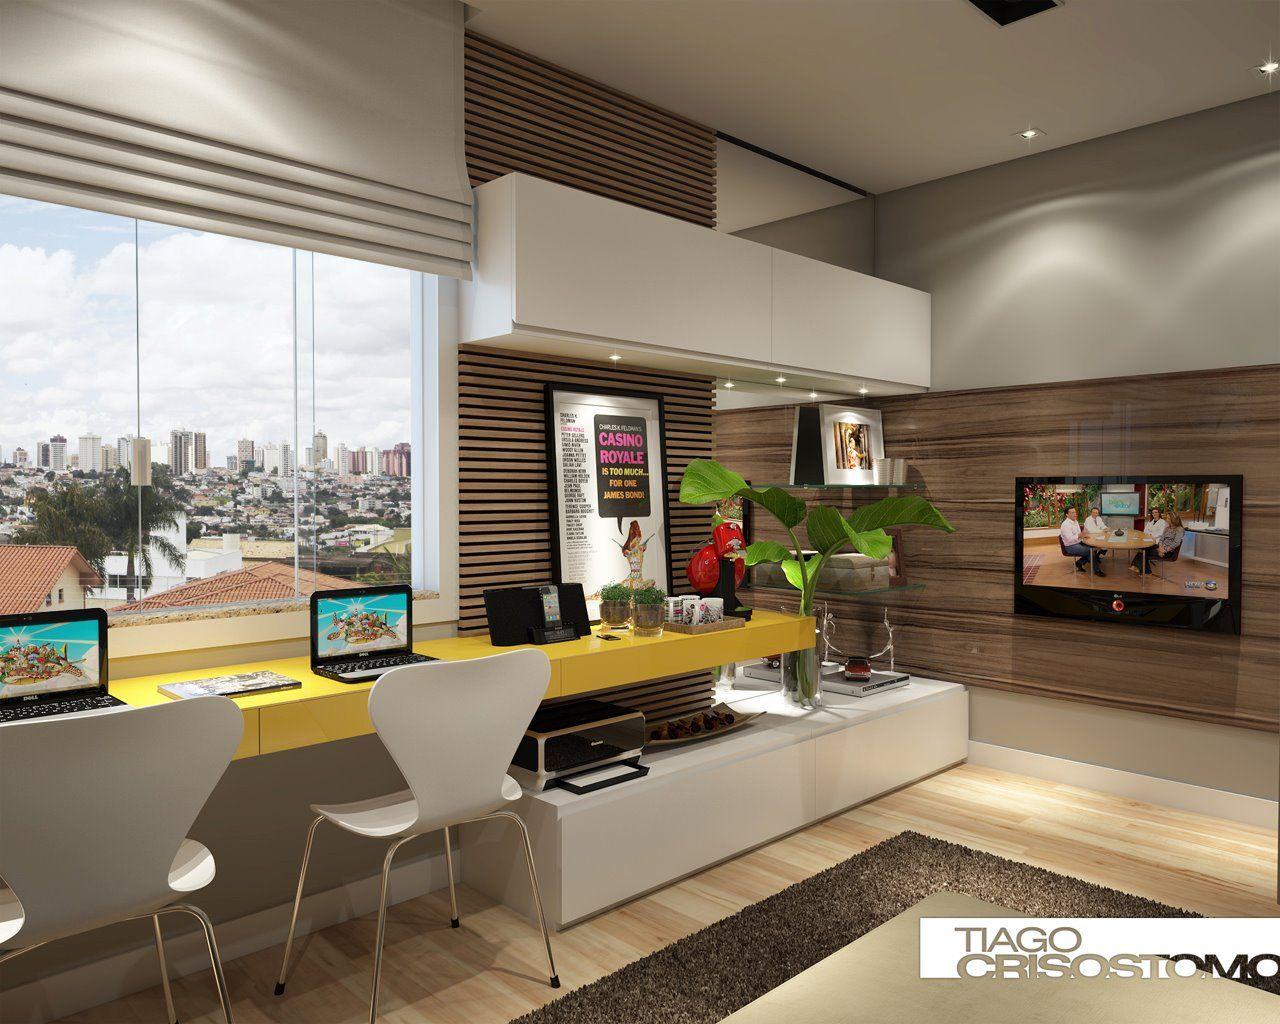 Escrit rio design de interiores pesquisa google for Diseno de interiores escritorios